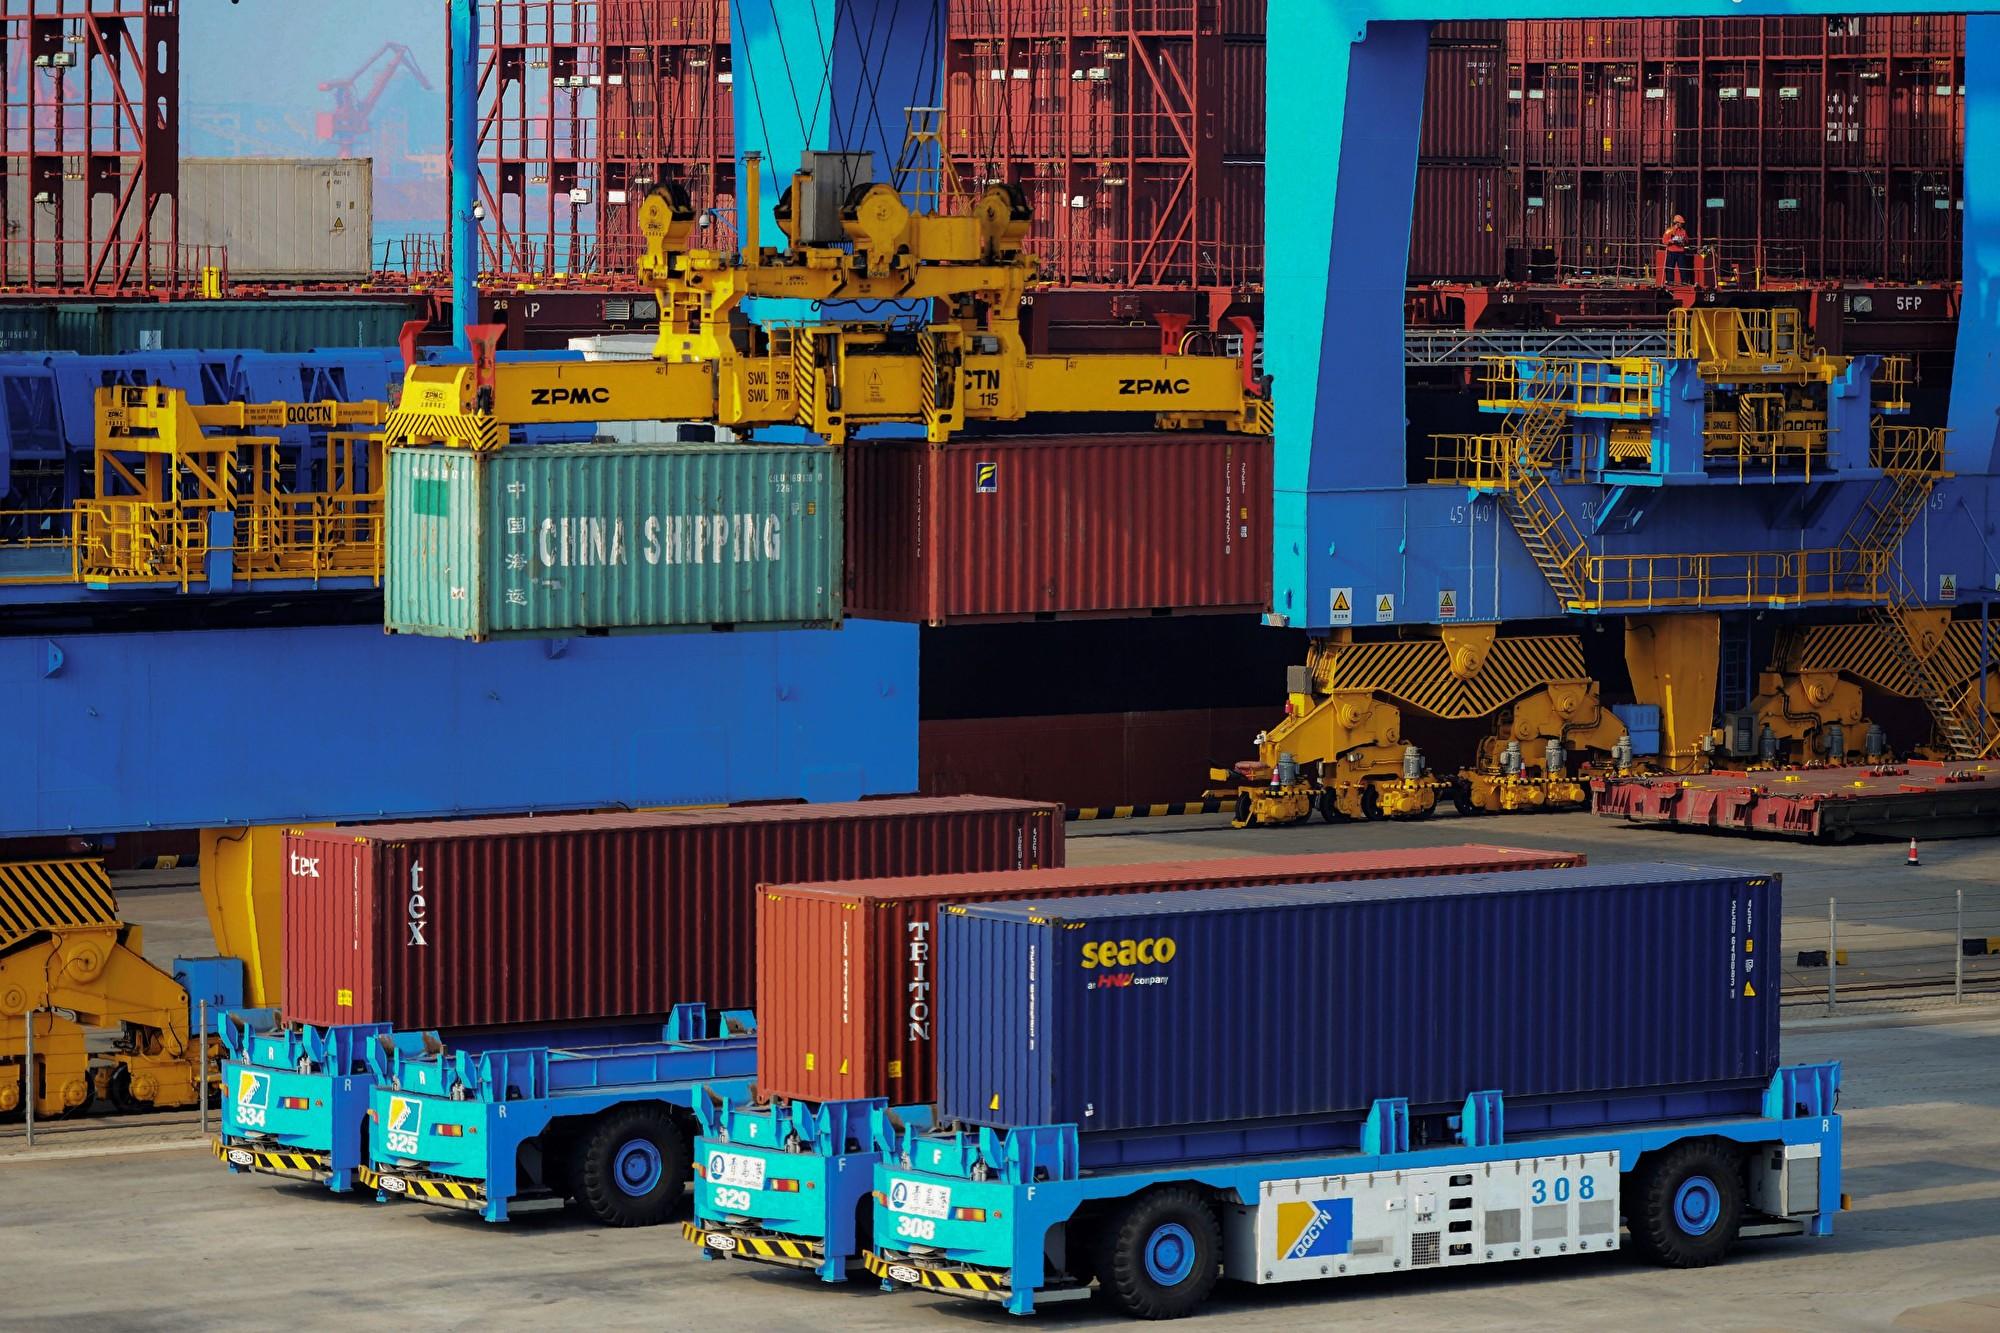 美國資深參議員格雷厄姆說,貿易戰目標是讓中共停止欺騙美國,並遵守世界上其他人所遵守的規則。圖為青島一港口。(STR/AFP/Getty Images)